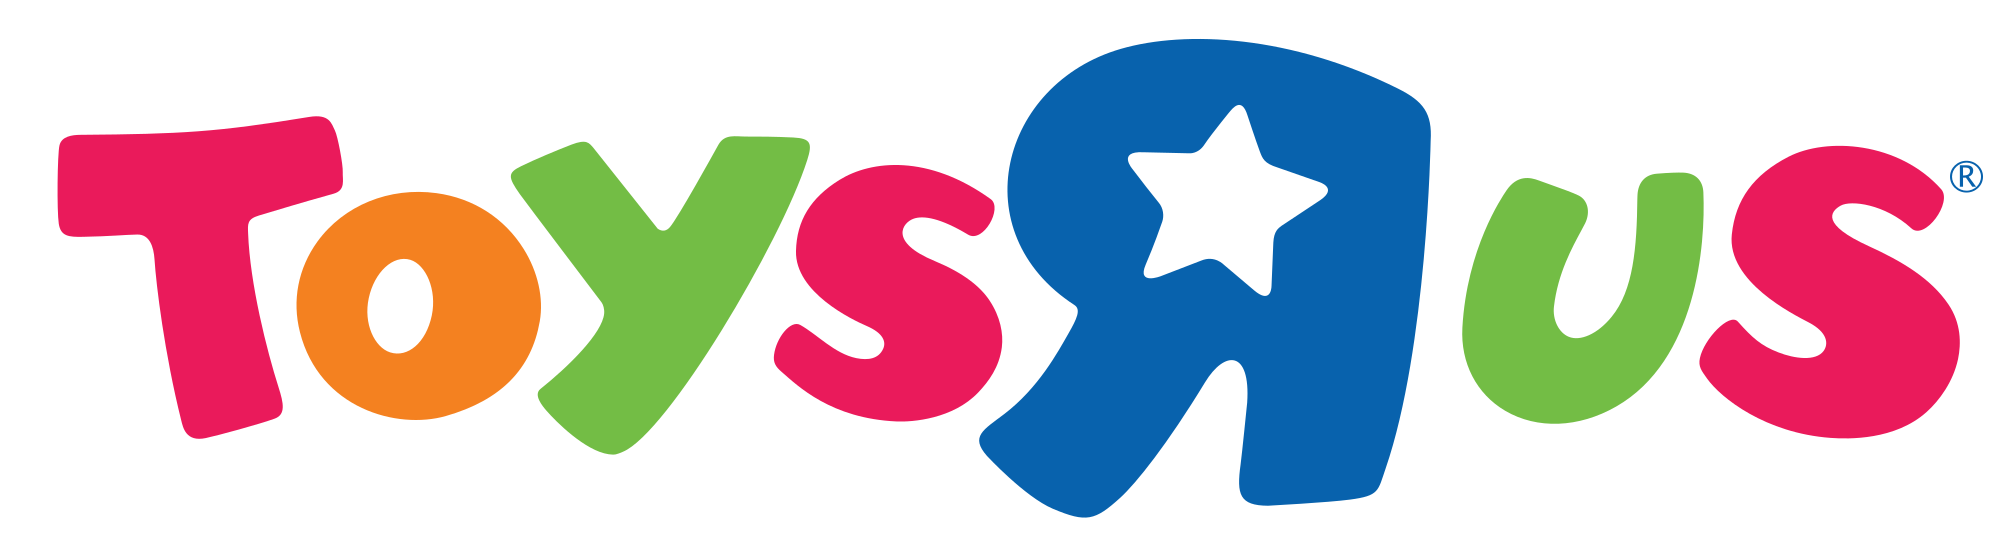 Resultado de imagen para el logotipo de Images for Toys R Us